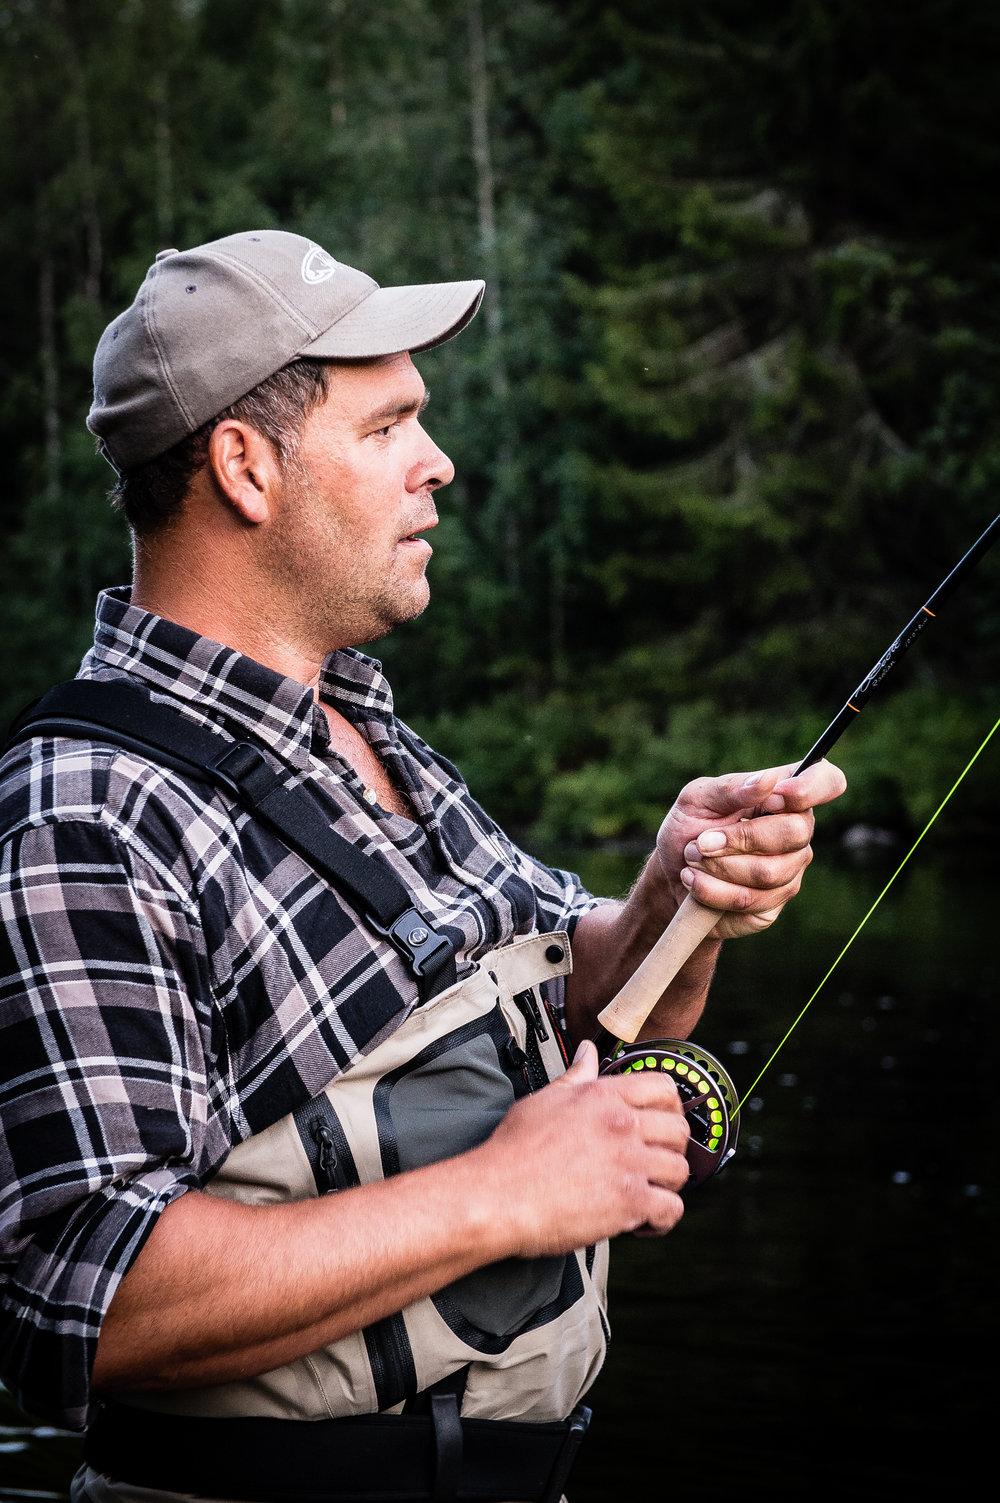 Thomas Johansson, ordförande    Yrke:  Fiskevårdare   Bor:  Kusmark   Mer om Thomas:  Thomas är ordförande i ÖIS och Stiftelsen för Östersjölaxen. Thomas har arbetat i över 25 år med fiskevårds- och förvaltningsfrågor. Han är en av eldsjälarna som målmedvetet har bidragit till att återetablera vilda bestånd av lax och öring till Kågeälven igen.   Kontakt:  thomas (at) kagealven.se 070 581 70 29